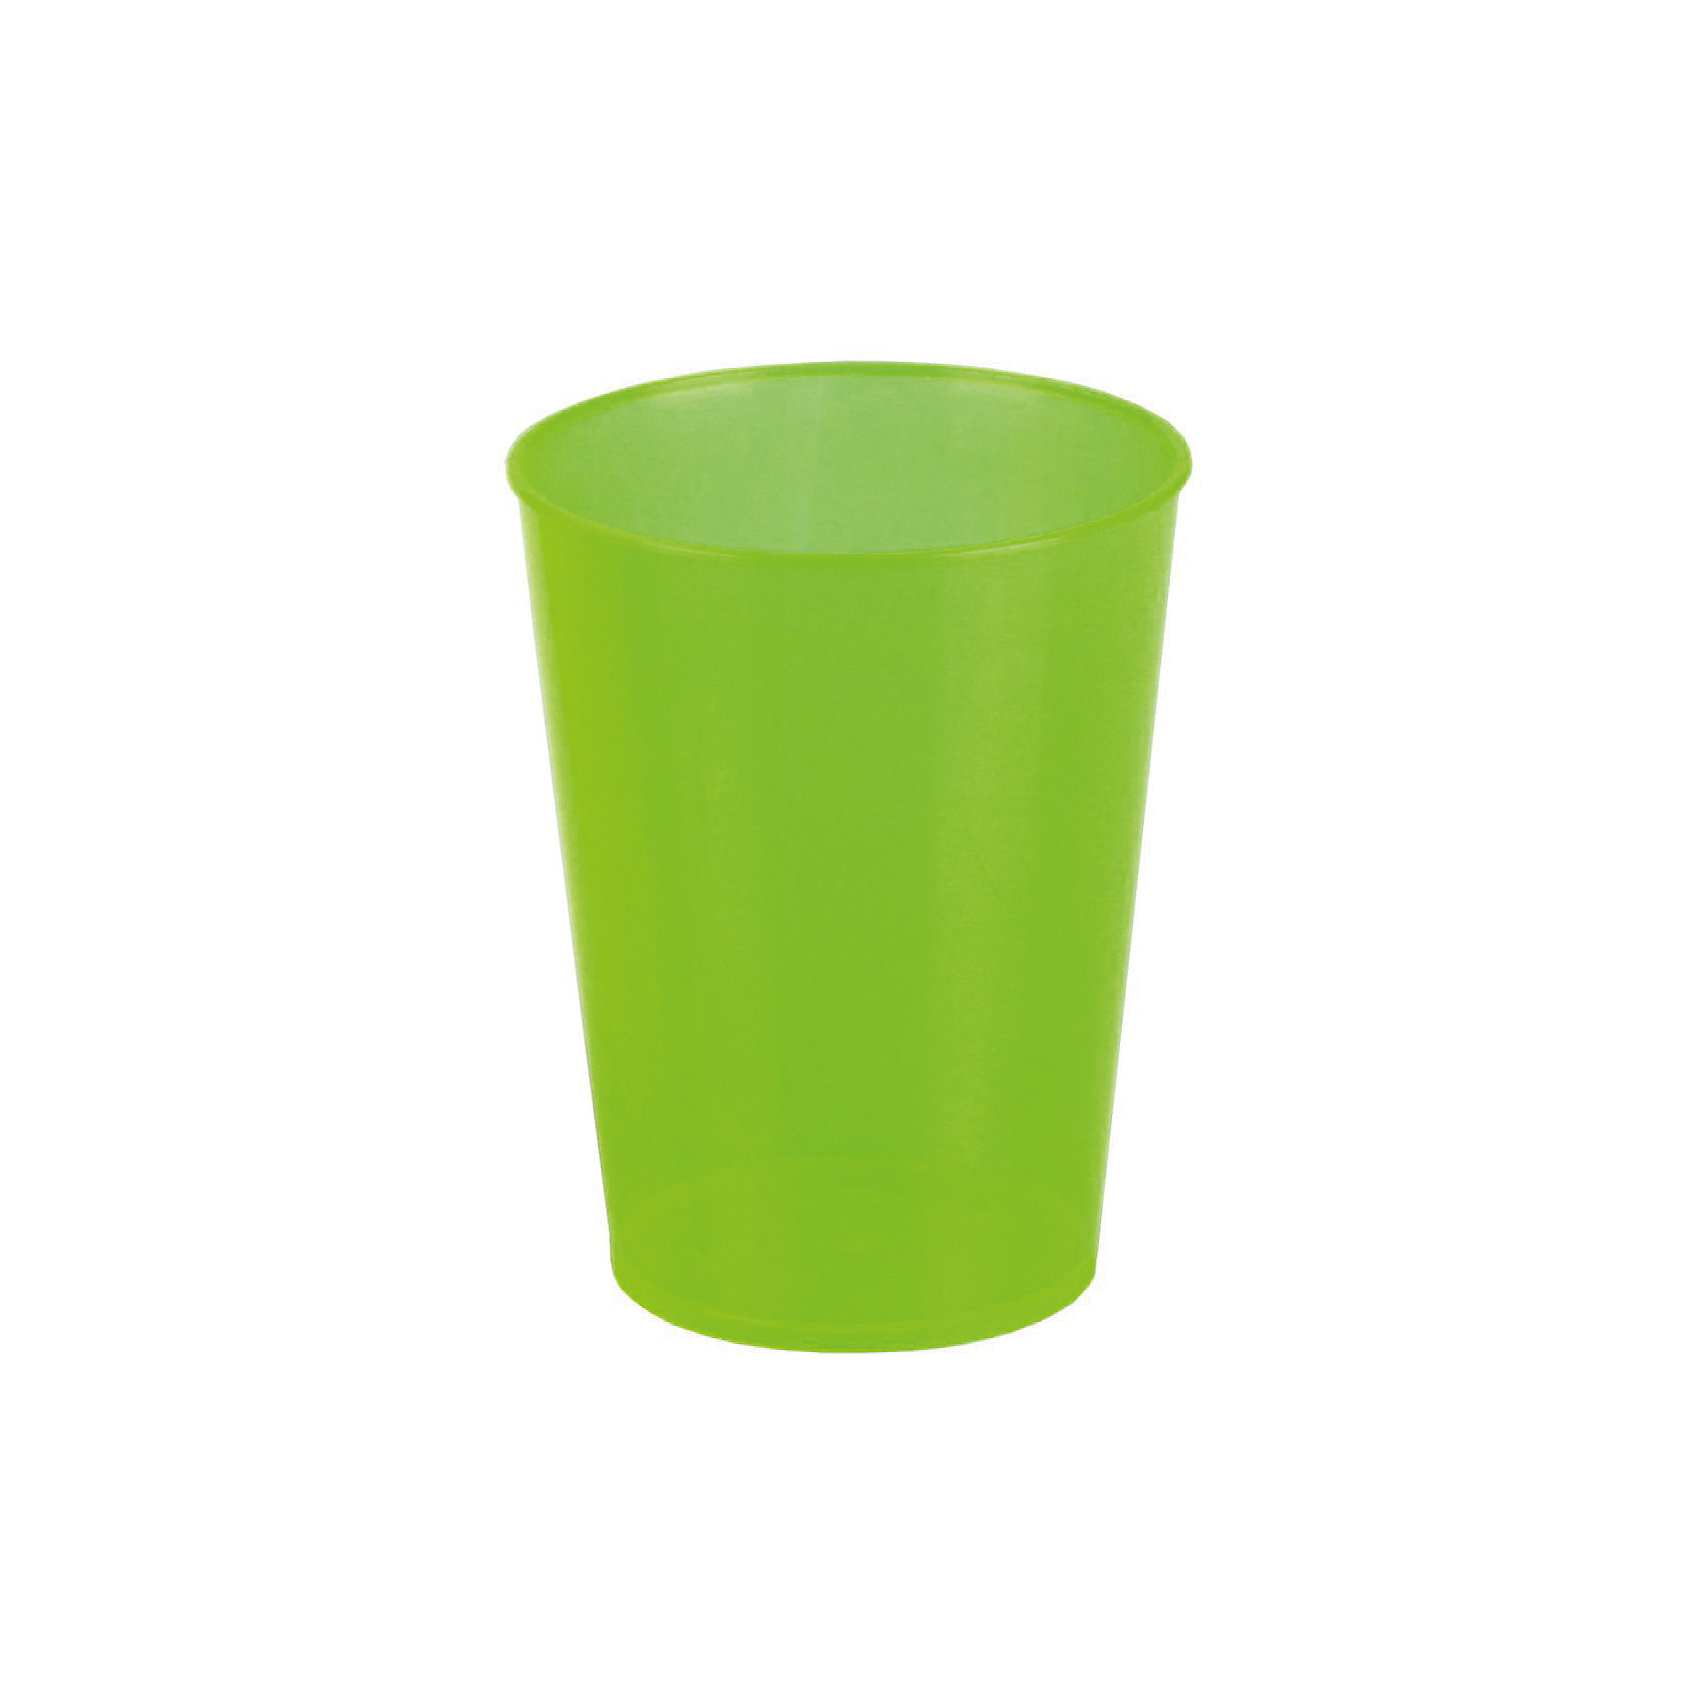 Стакан 350мл, Alternativa, зеленыйПосуда<br>Характеристики:<br><br>• Предназначение: для пищевых продуктов, для хранения зубных щеток, карандашей<br>• Материал: пластик<br>• Цвет: зеленый <br>• Размер (Д*Ш*В):  8*8*10,5 см<br>• Объем: 350 мл<br>• Особенности ухода: разрешается мыть<br><br>Стакан 350 мл, Alternativa, зеленый изготовлен отечественным производителем ООО ЗПИ Альтернатива, который специализируется на выпуске широкого спектра изделий и предметов мебели из пластика. Стакан выполнен из экологически безопасного пищевого пластика, устойчивого к механическим повреждениям и изменению цвета. Стакан можно использовать для холодных напитков, для хранения карандашей, фломастеров или в качестве подставки для зубных щеток, кроме он подойдет в качестве мерной емкости для ждкостей и сыпучих продуктов. Изделие имеет компактный размер и легкий вес, поэтому его удобно брать с собой на природу и дачу. <br><br>Стакан 350 мл, Alternativa, зеленый можно купить в нашем интернет-магазине.<br><br>Ширина мм: 80<br>Глубина мм: 80<br>Высота мм: 105<br>Вес г: 22<br>Возраст от месяцев: 6<br>Возраст до месяцев: 84<br>Пол: Унисекс<br>Возраст: Детский<br>SKU: 5096683